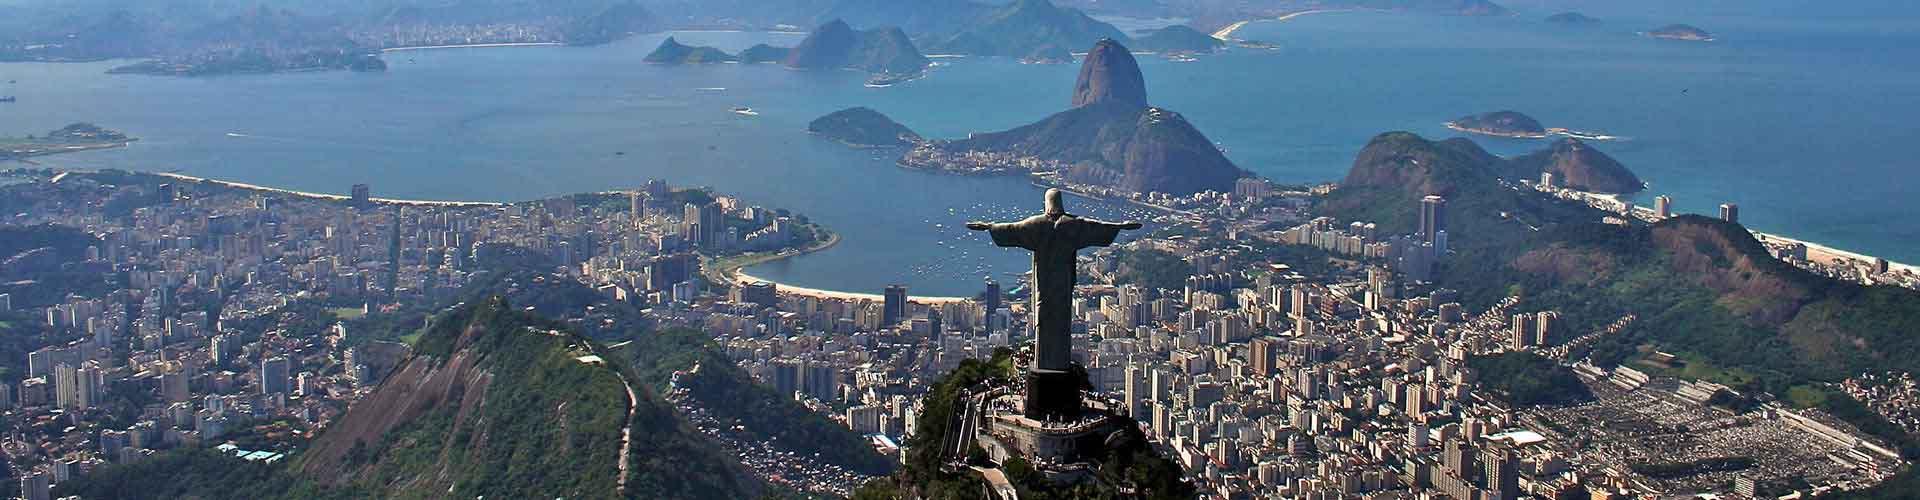 里约热内卢 – Botafogo区的公寓。里约热内卢地图,里约热内卢每间公寓的照片和评价。